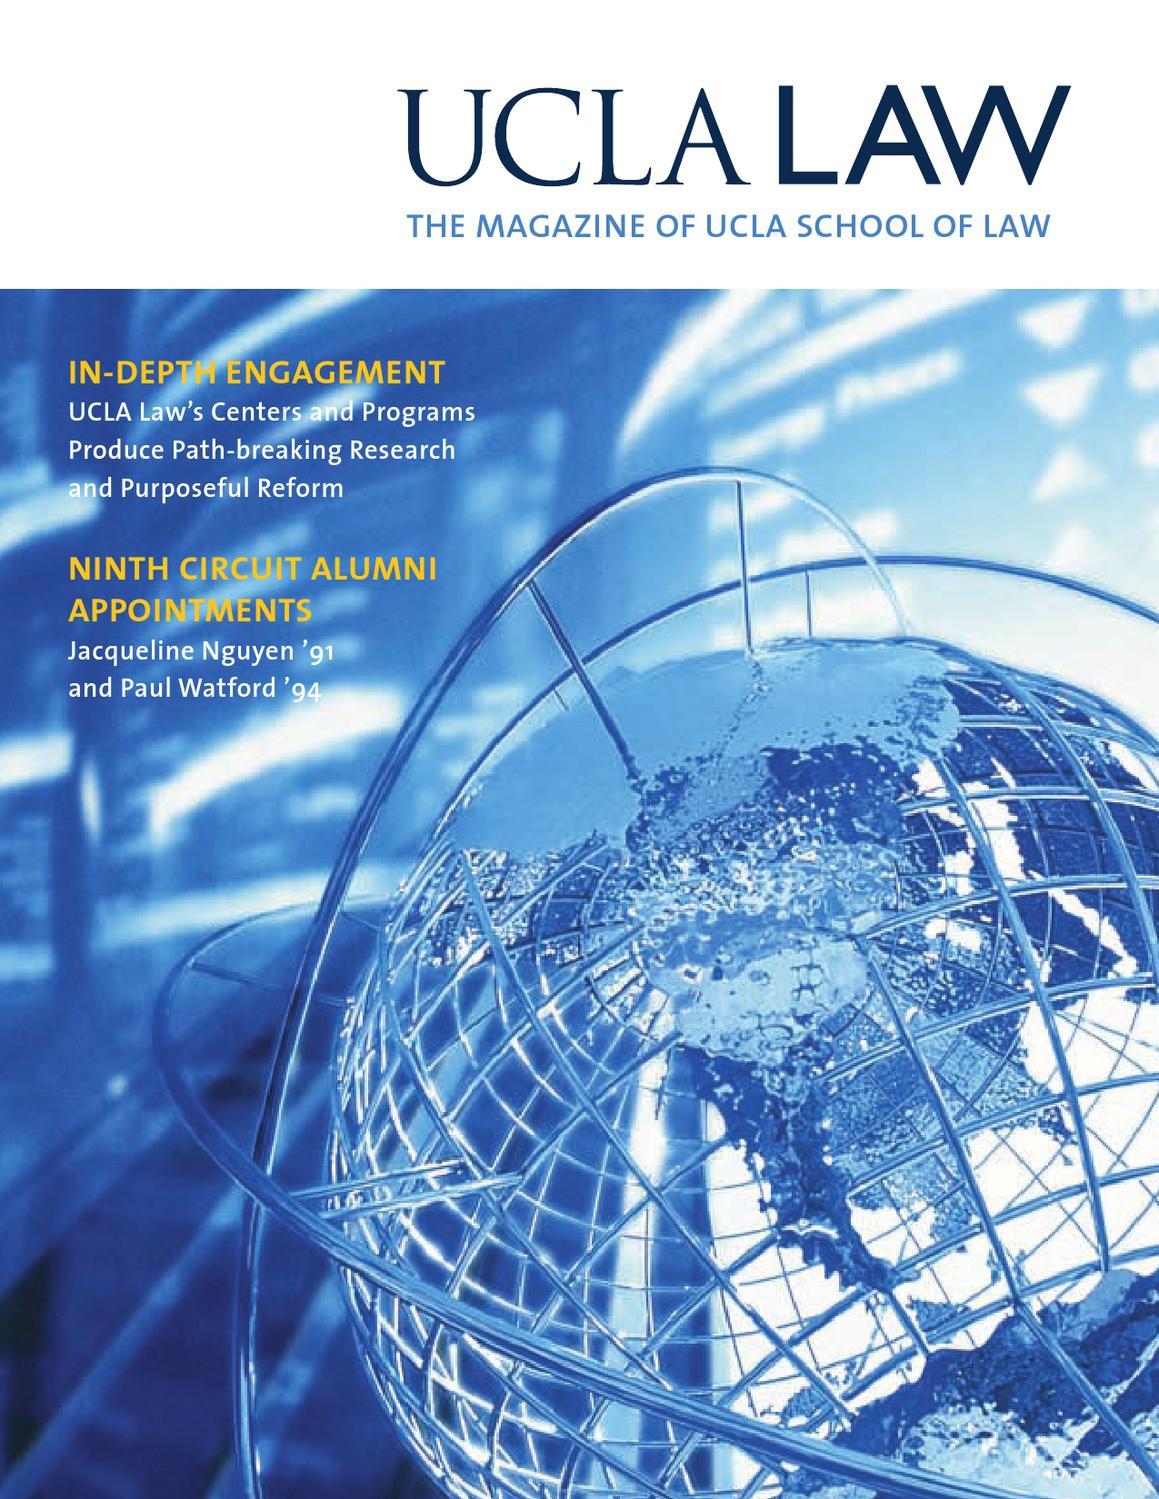 UCLA Law Fall 2012 Magazine By UCLA Law   Issuu